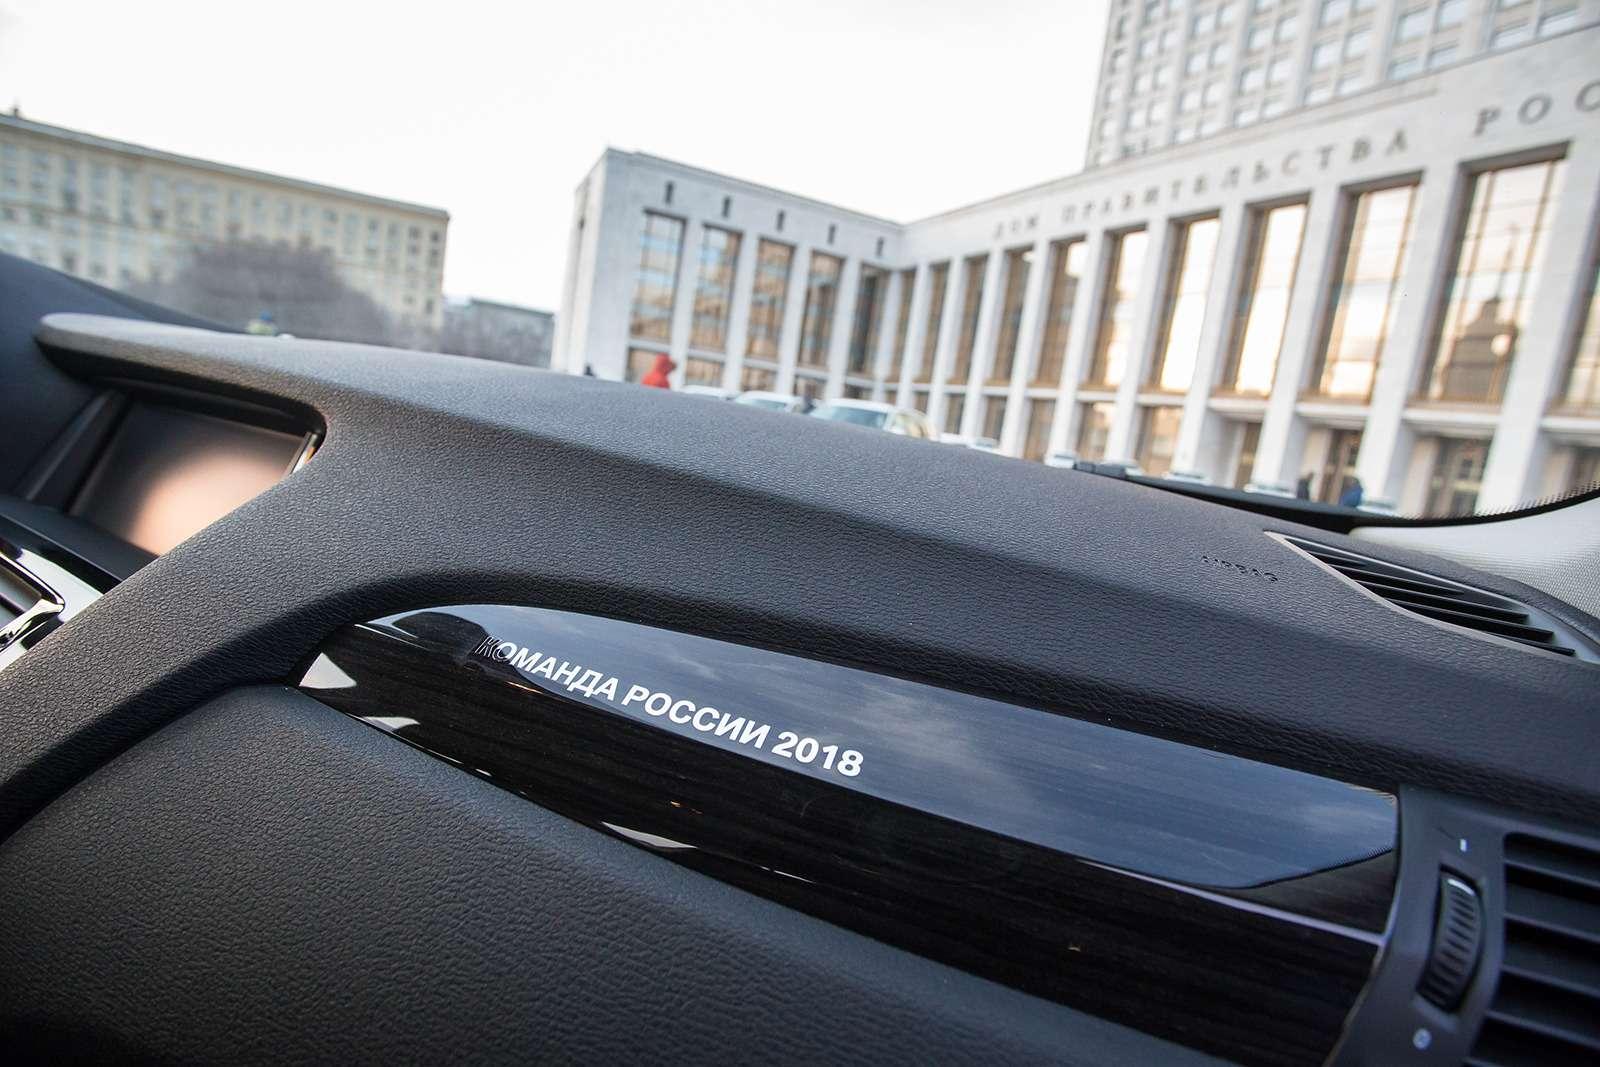 BMWдляолимпийских призеров: перепутанные ключи имифические X6— фото 849854